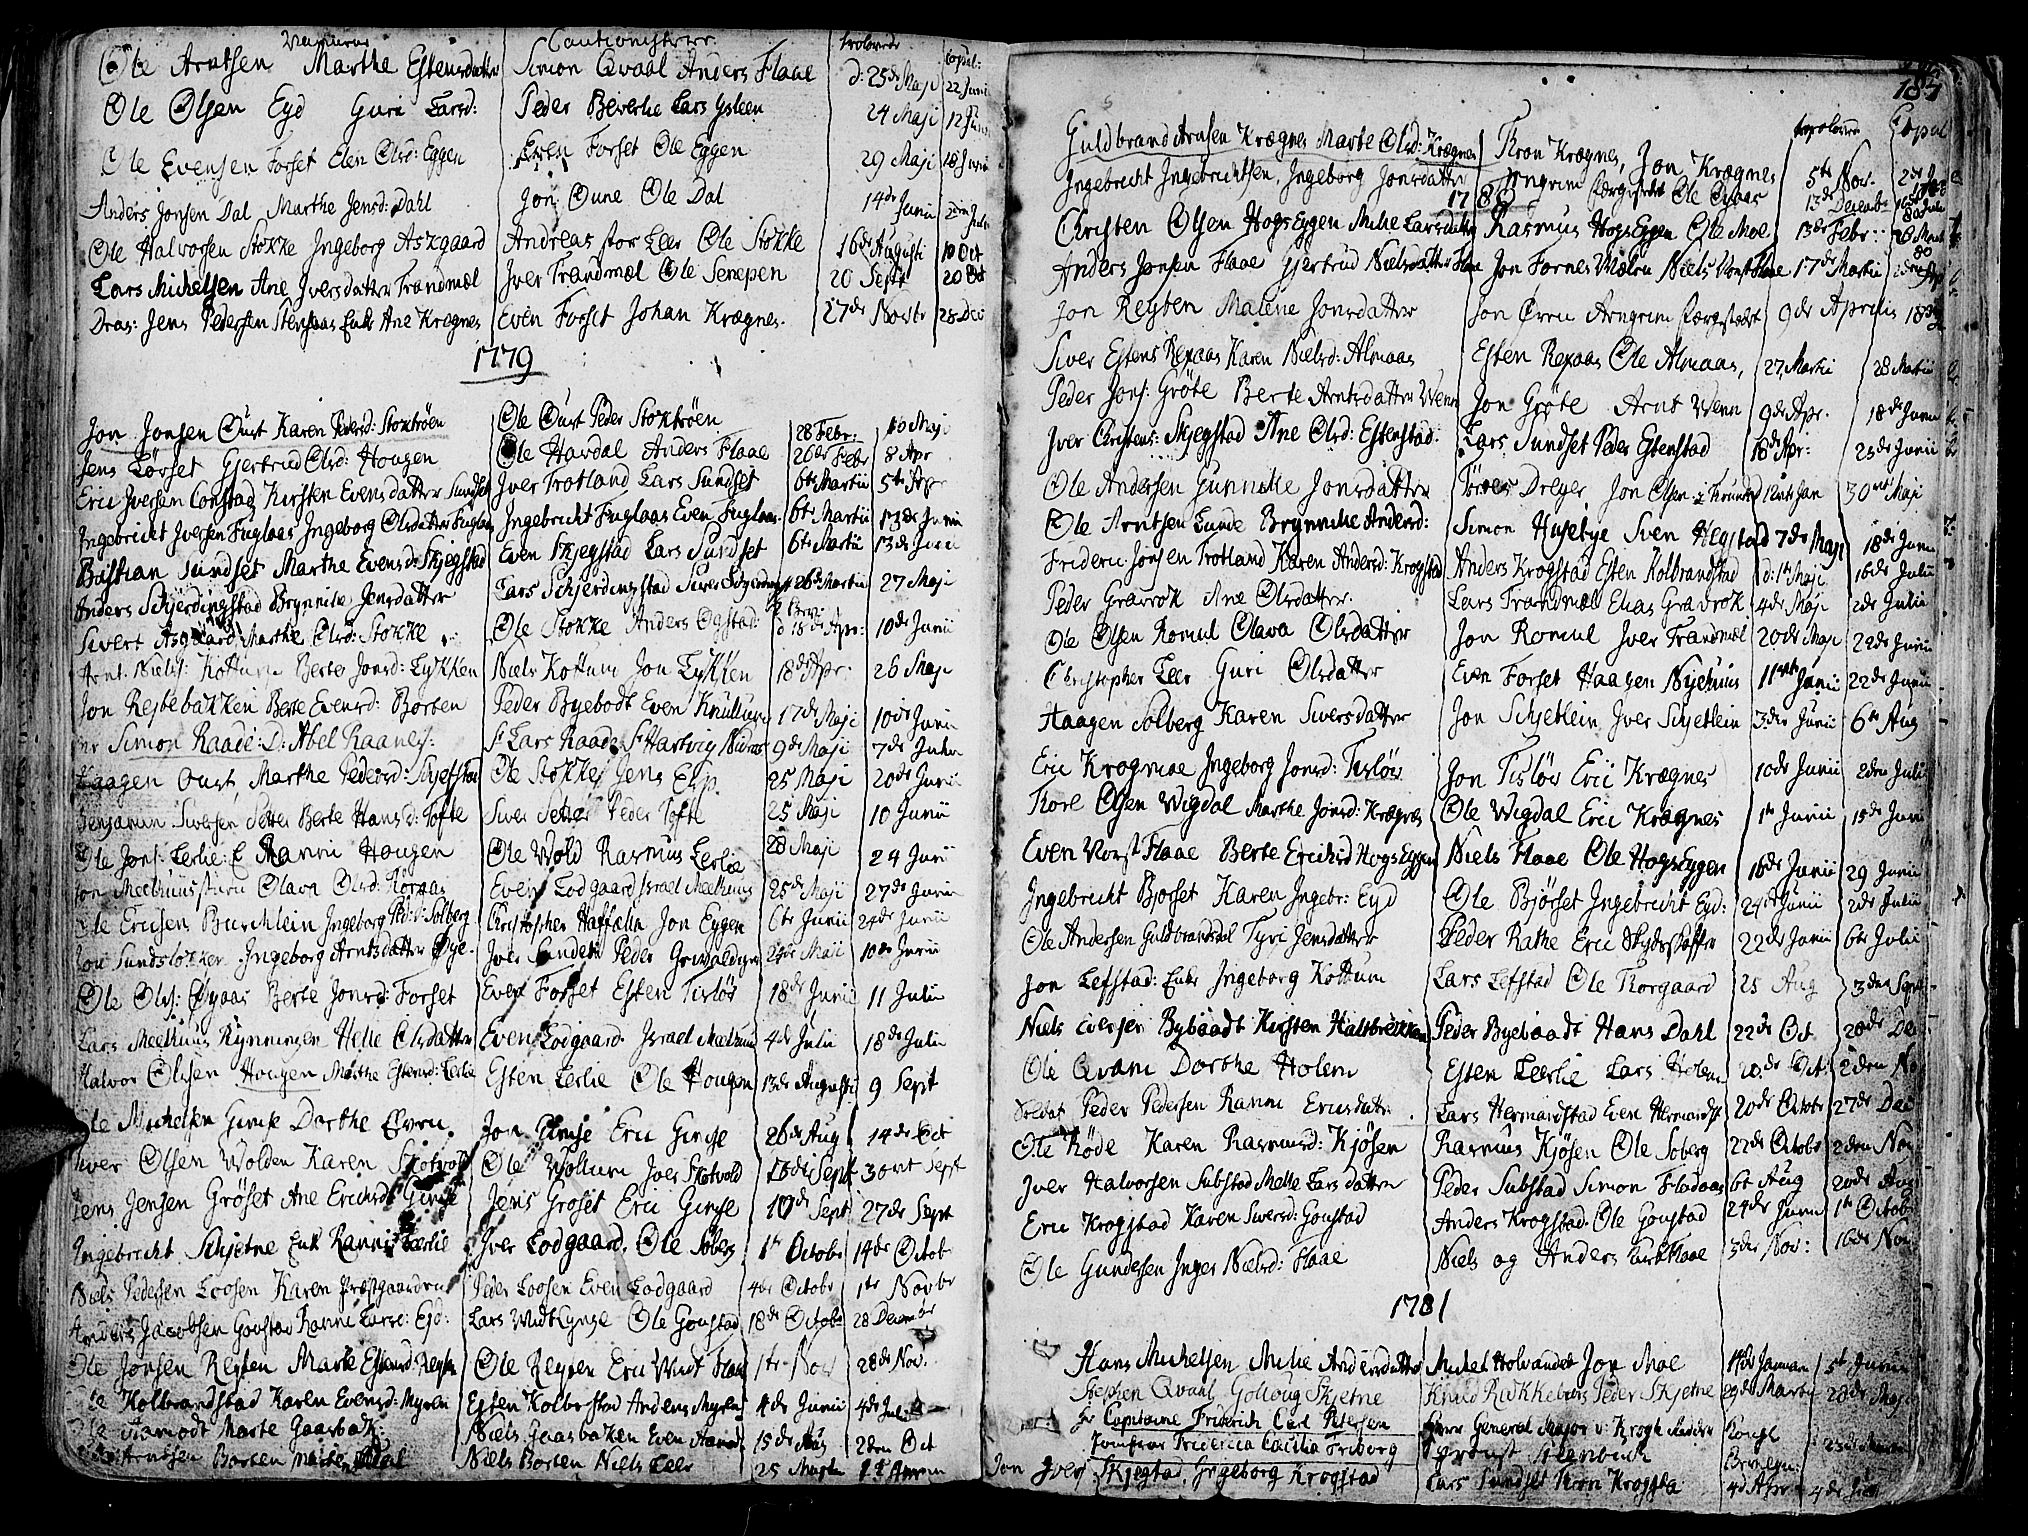 SAT, Ministerialprotokoller, klokkerbøker og fødselsregistre - Sør-Trøndelag, 691/L1061: Ministerialbok nr. 691A02 /1, 1768-1815, s. 184